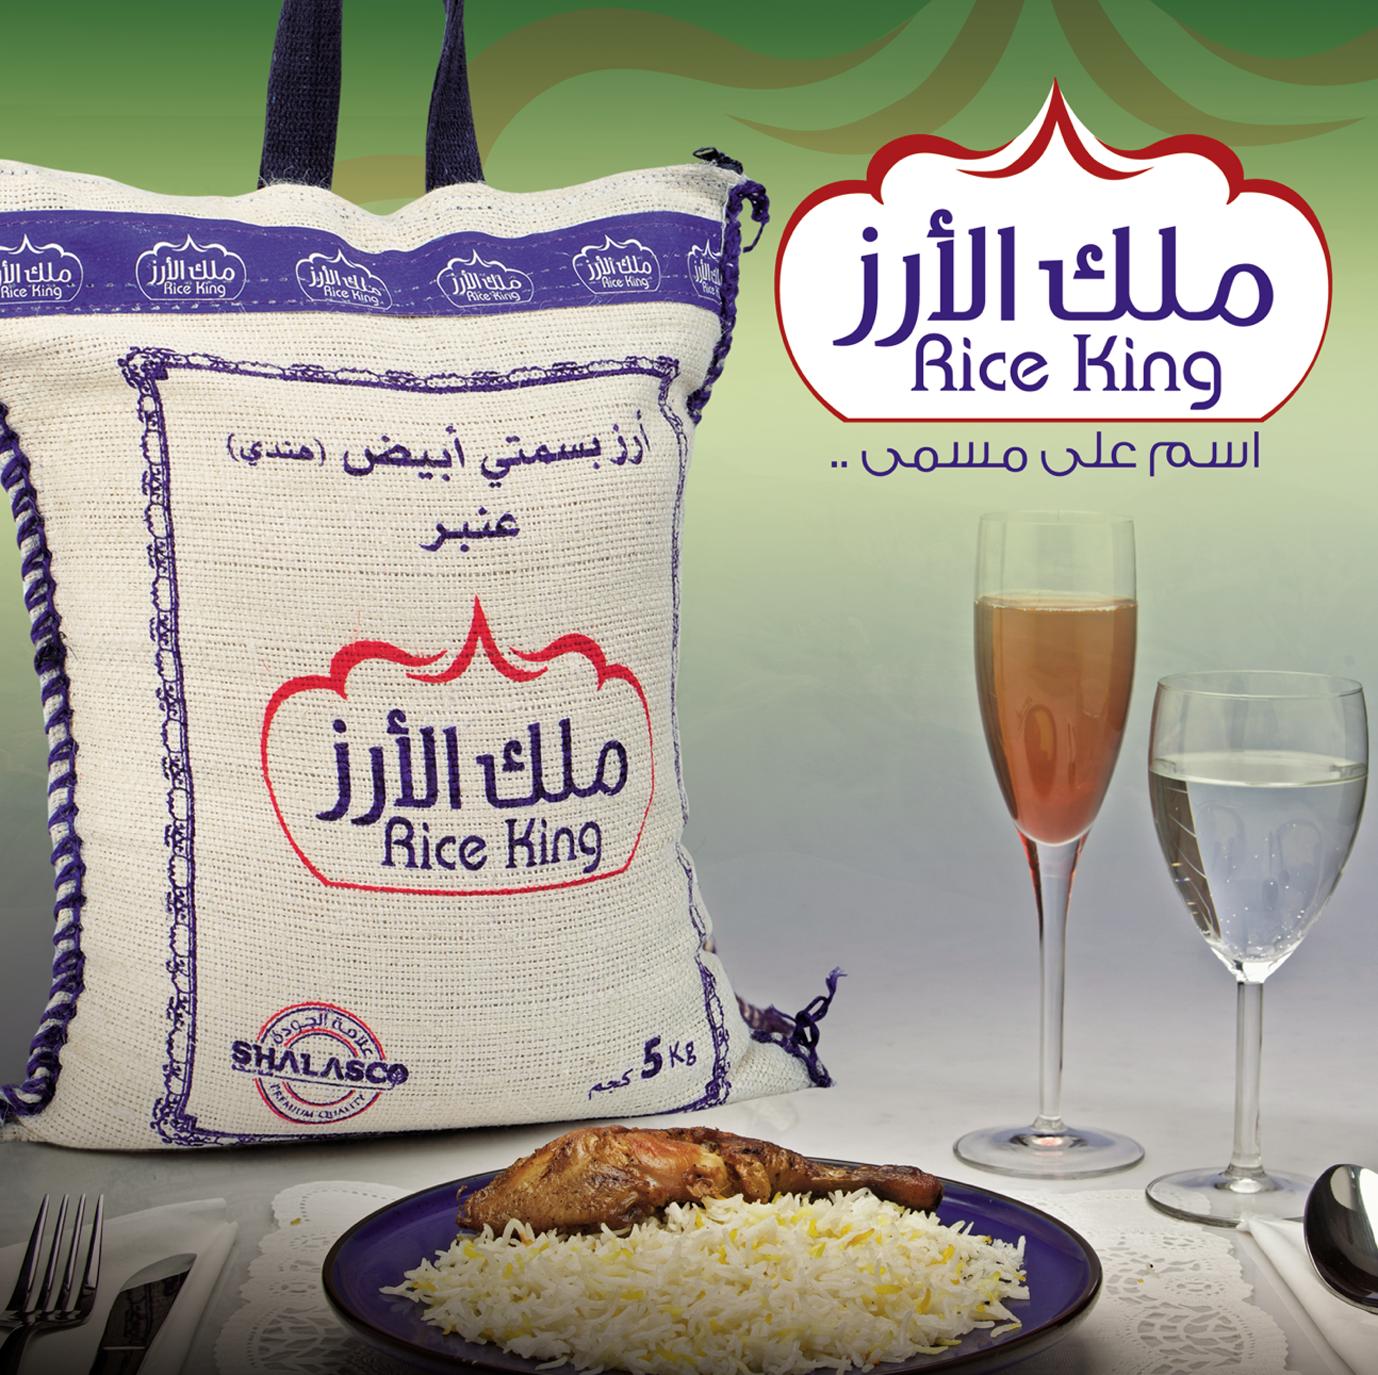 أرز بسمتى أبيض عنبر مع ملك الأرز برائحة ذكية وطعم رائع ومستويات جودة عالية Snack Recipes Snacks Food